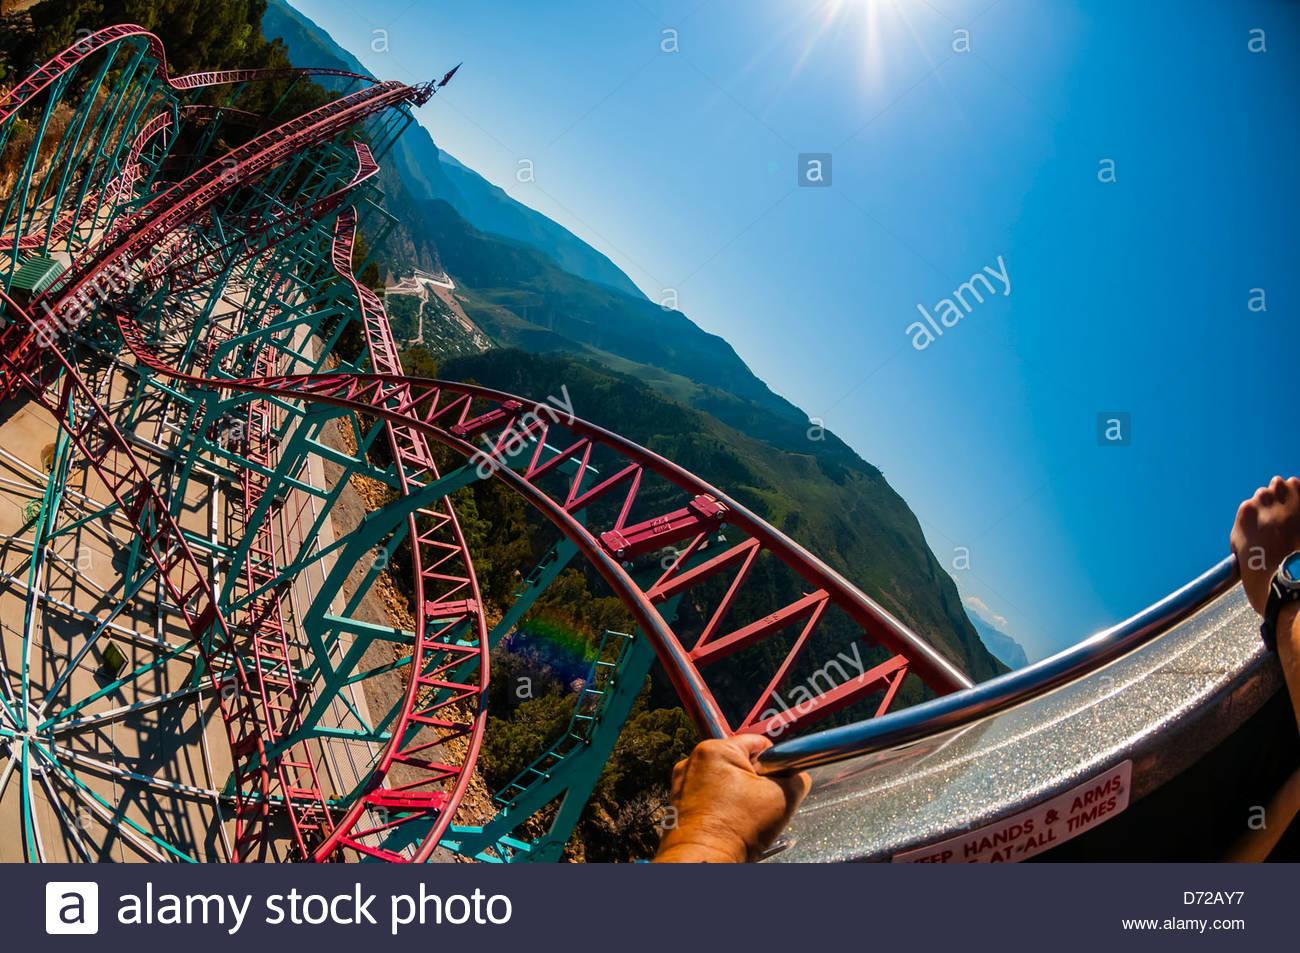 Cliffhanger Achterbahn Die Höchste Erhebung Achterbahn In